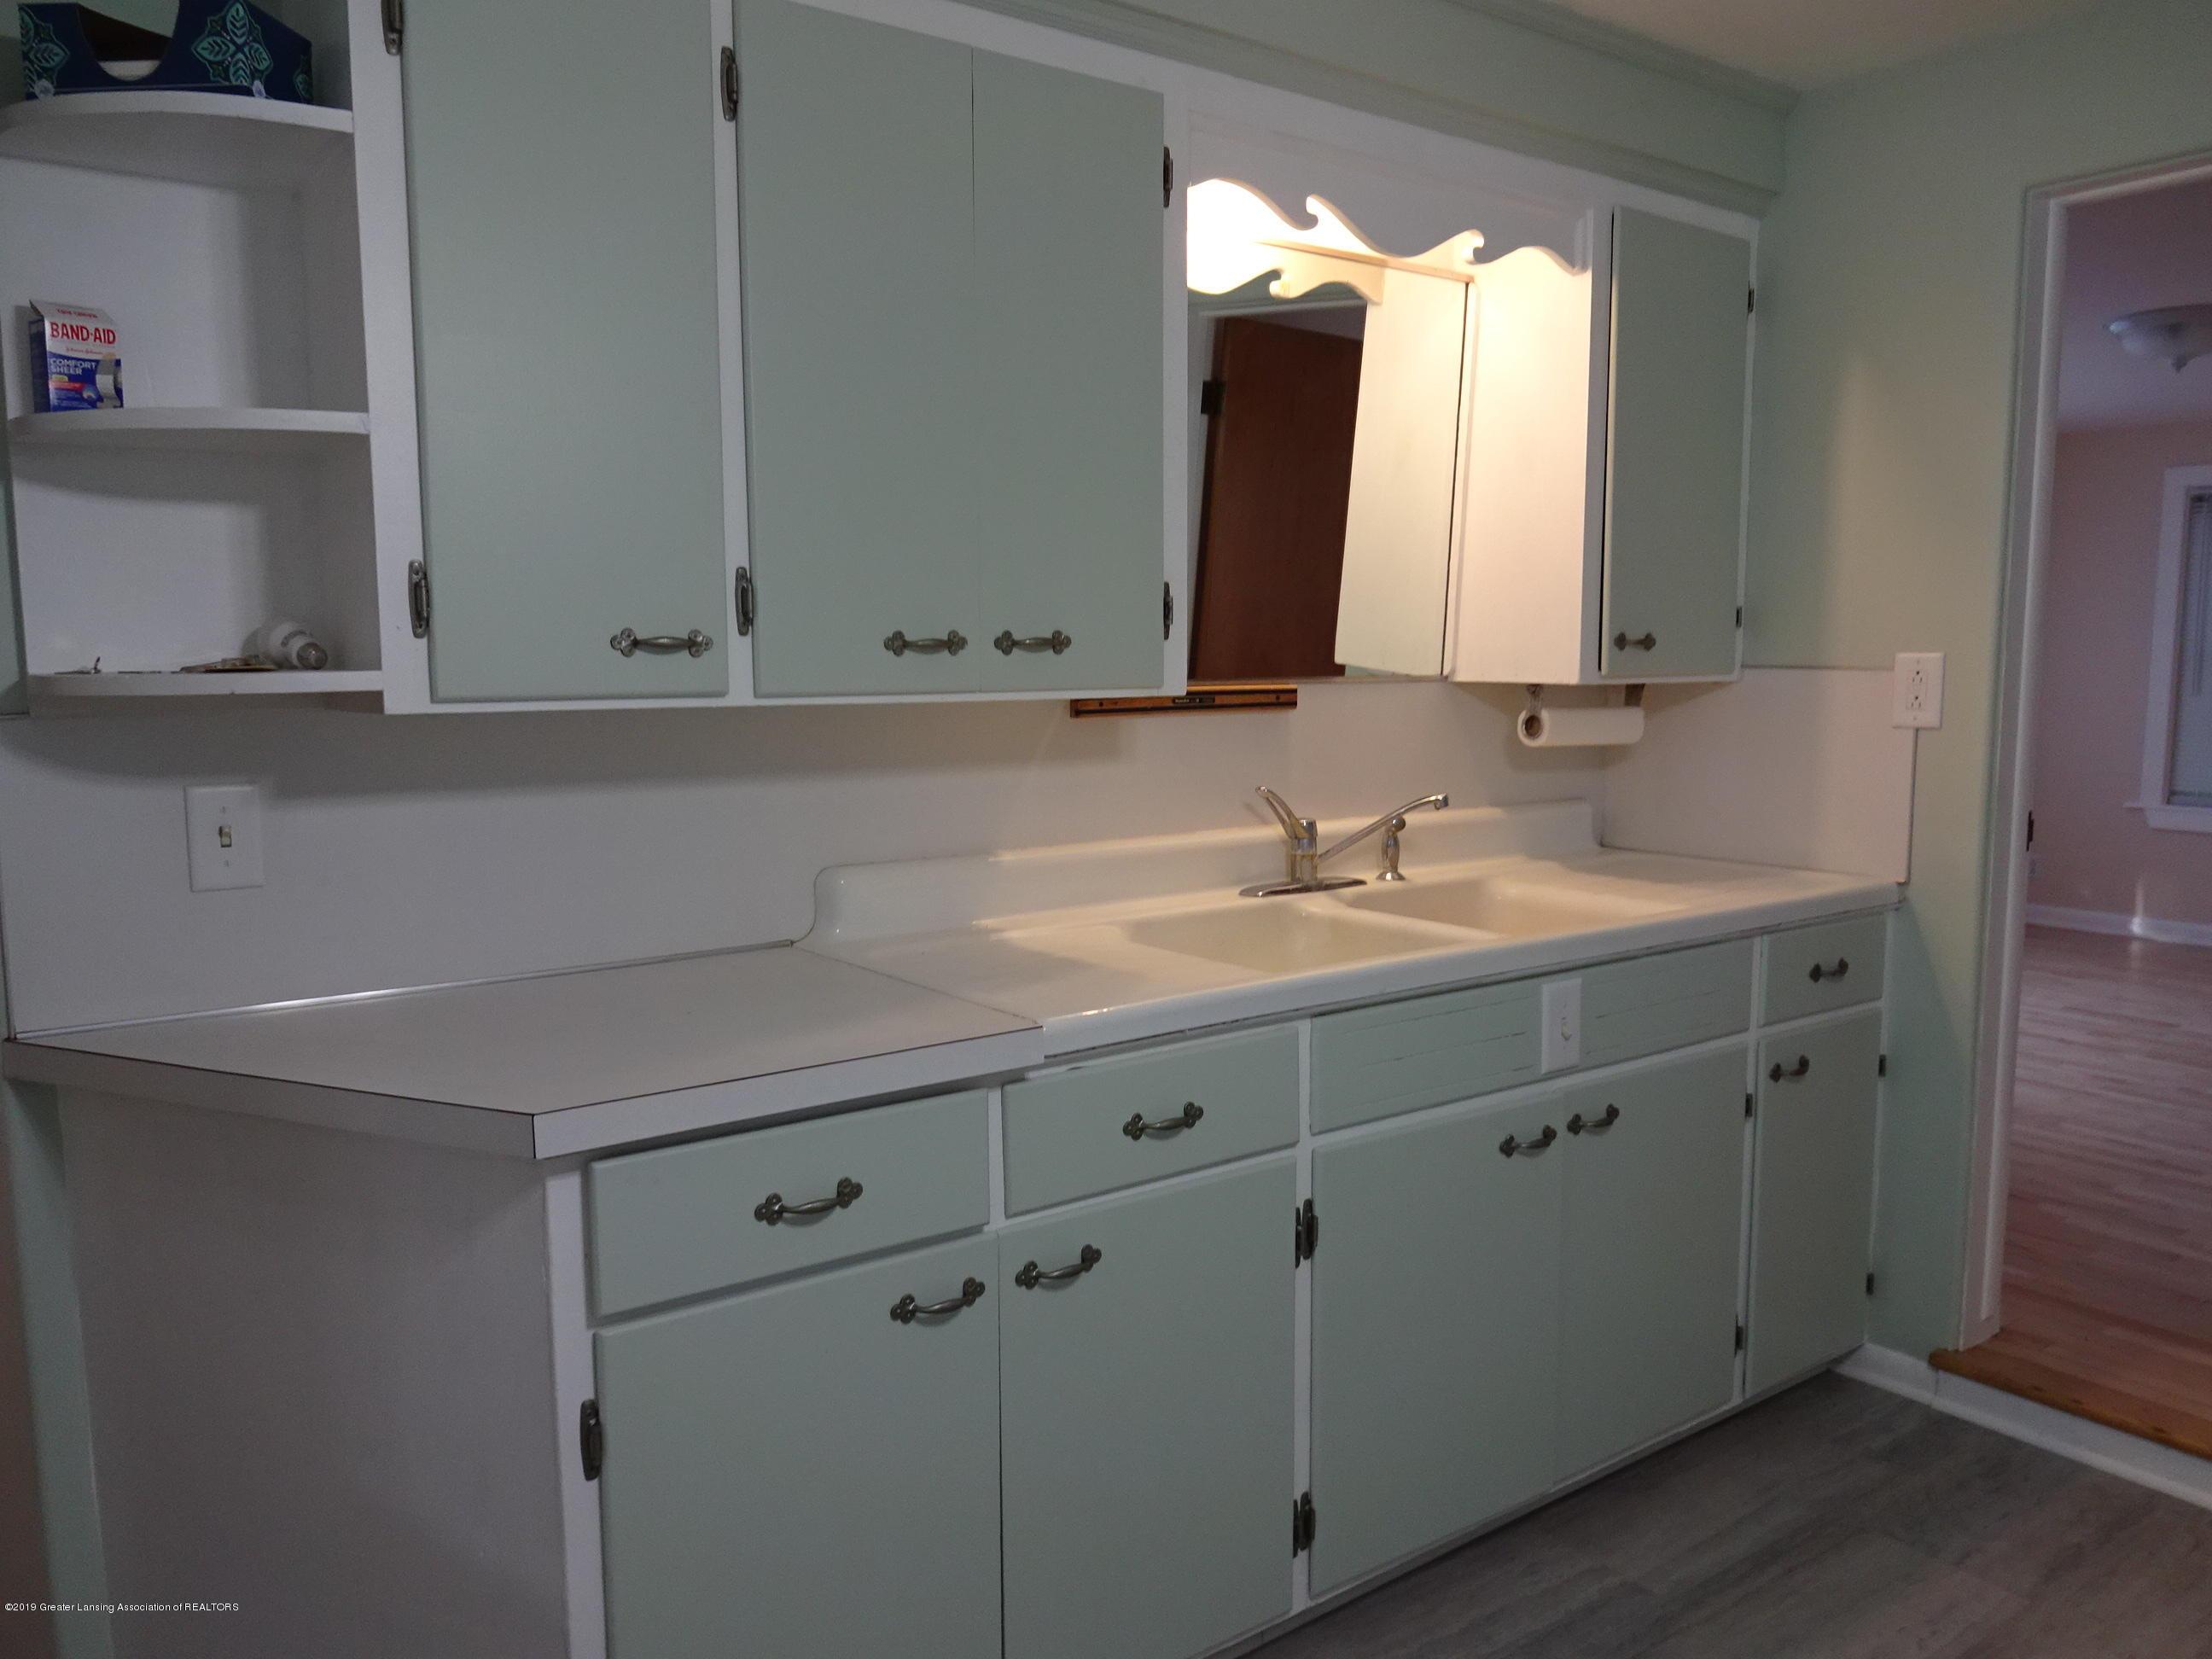 4632 Old Lansing Rd - Old Lansing rd kitchen sink - 5